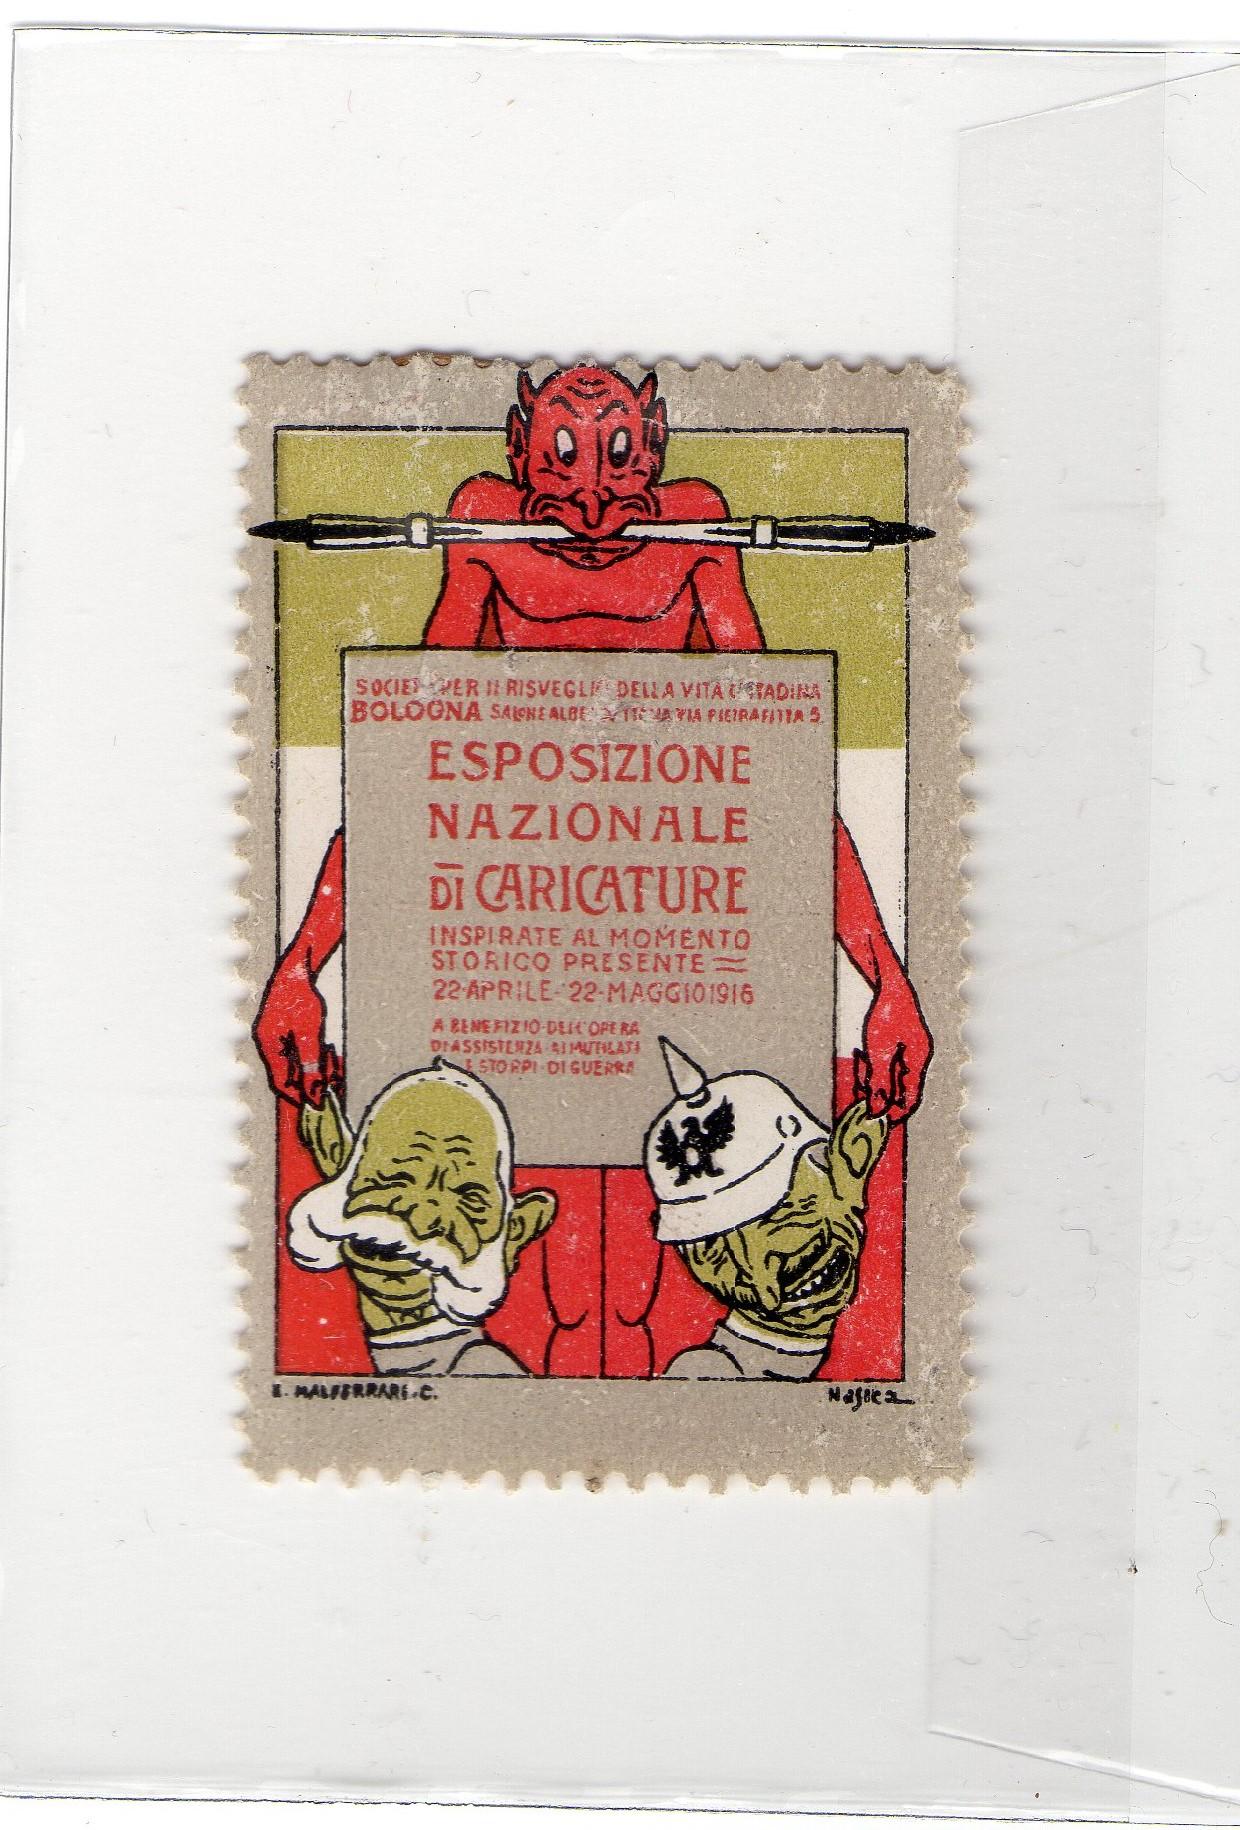 Erinnofilo Esposizione Nazionale di Caricature